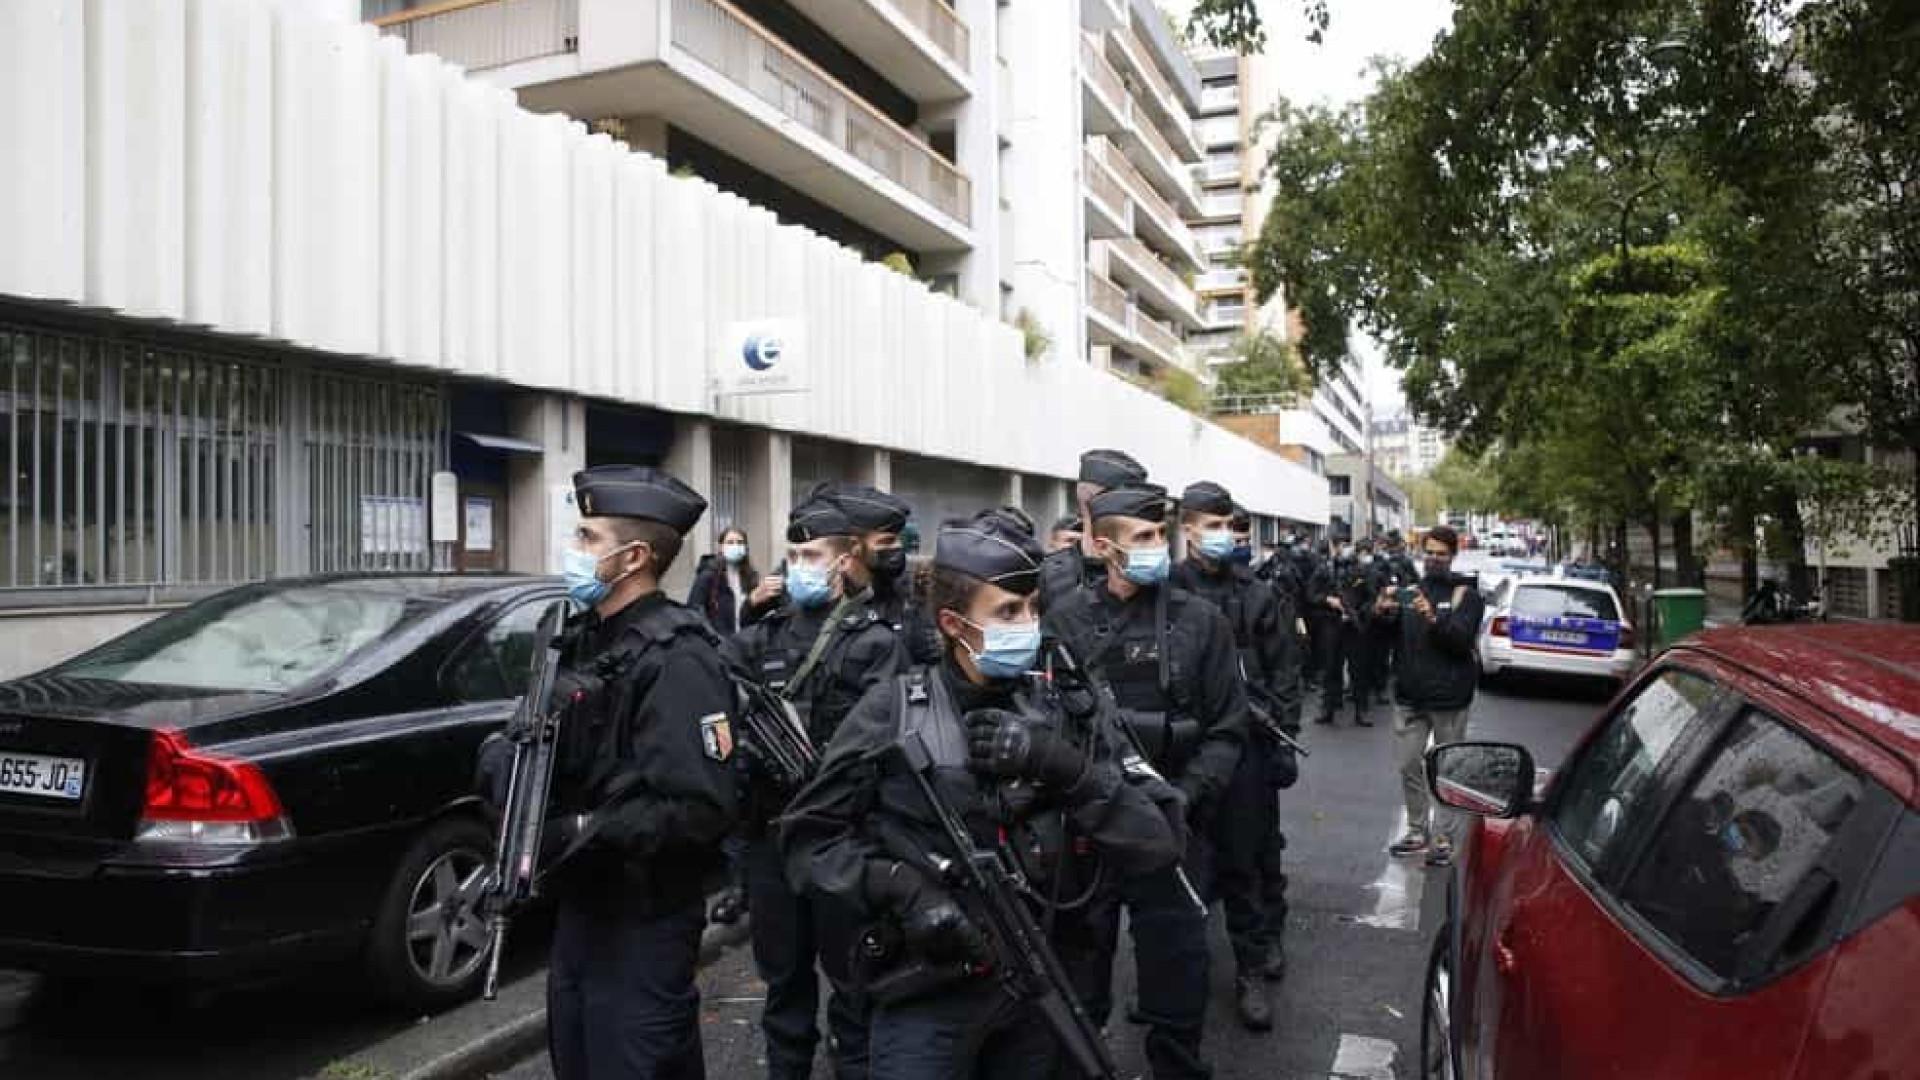 Suspeito de ataque a faca em Paris admite ter agido contra Charlie Hebdo